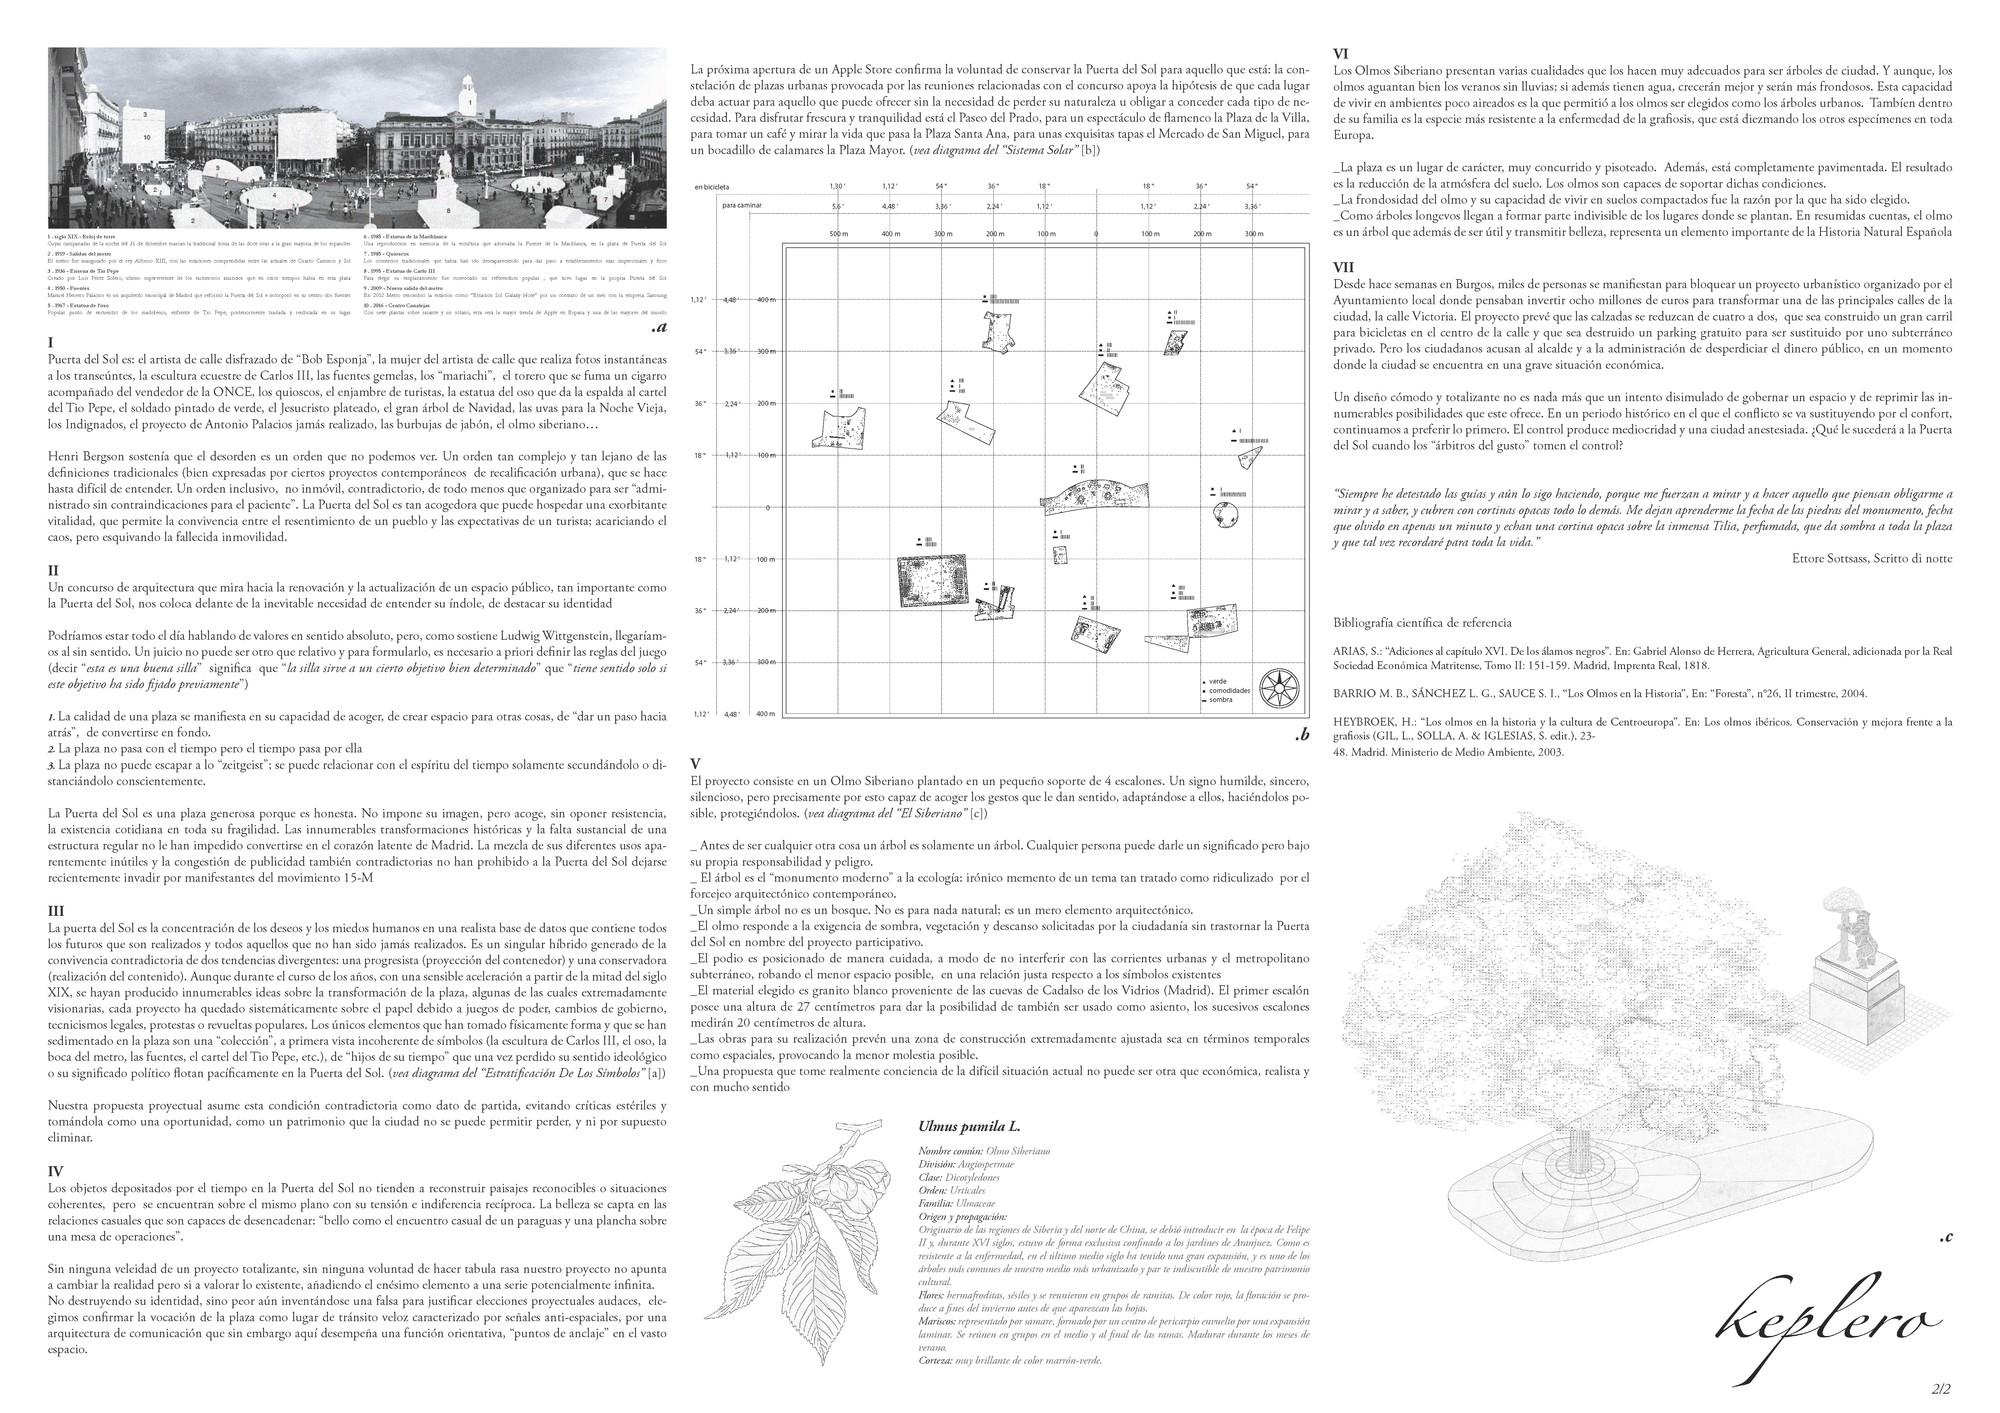 Propuesta: Keplero, lámina de presentación. Image Cortesia de Fosbury Architecture